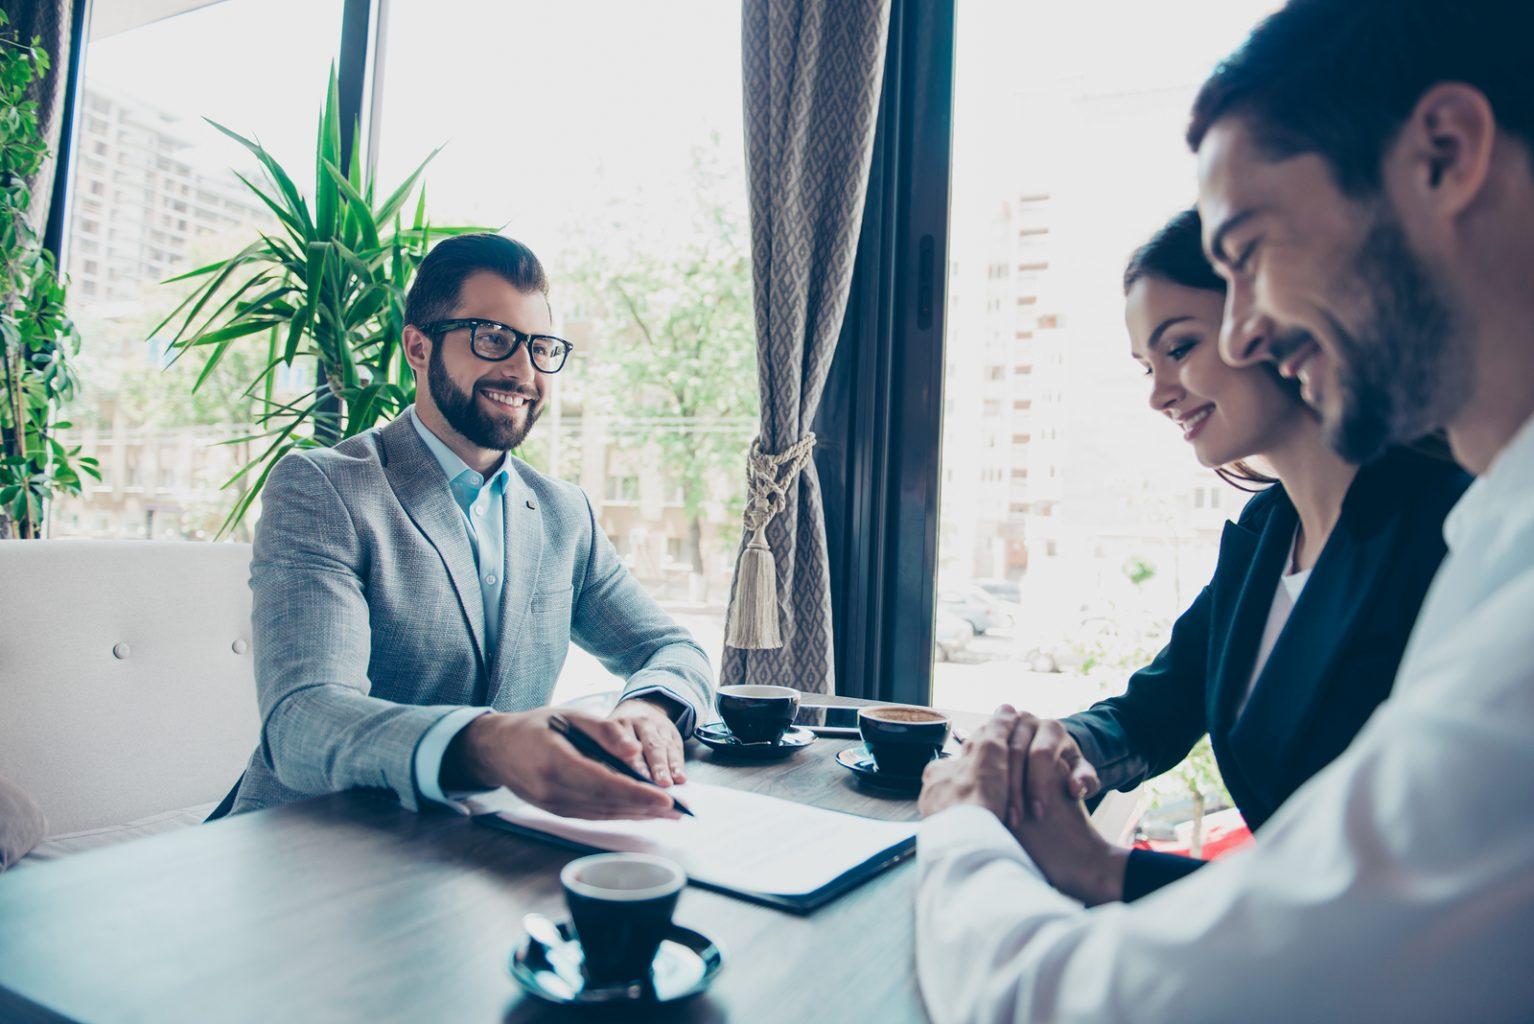 Confía en abogados expertos en derecho inmobiliario para comprar tu casa